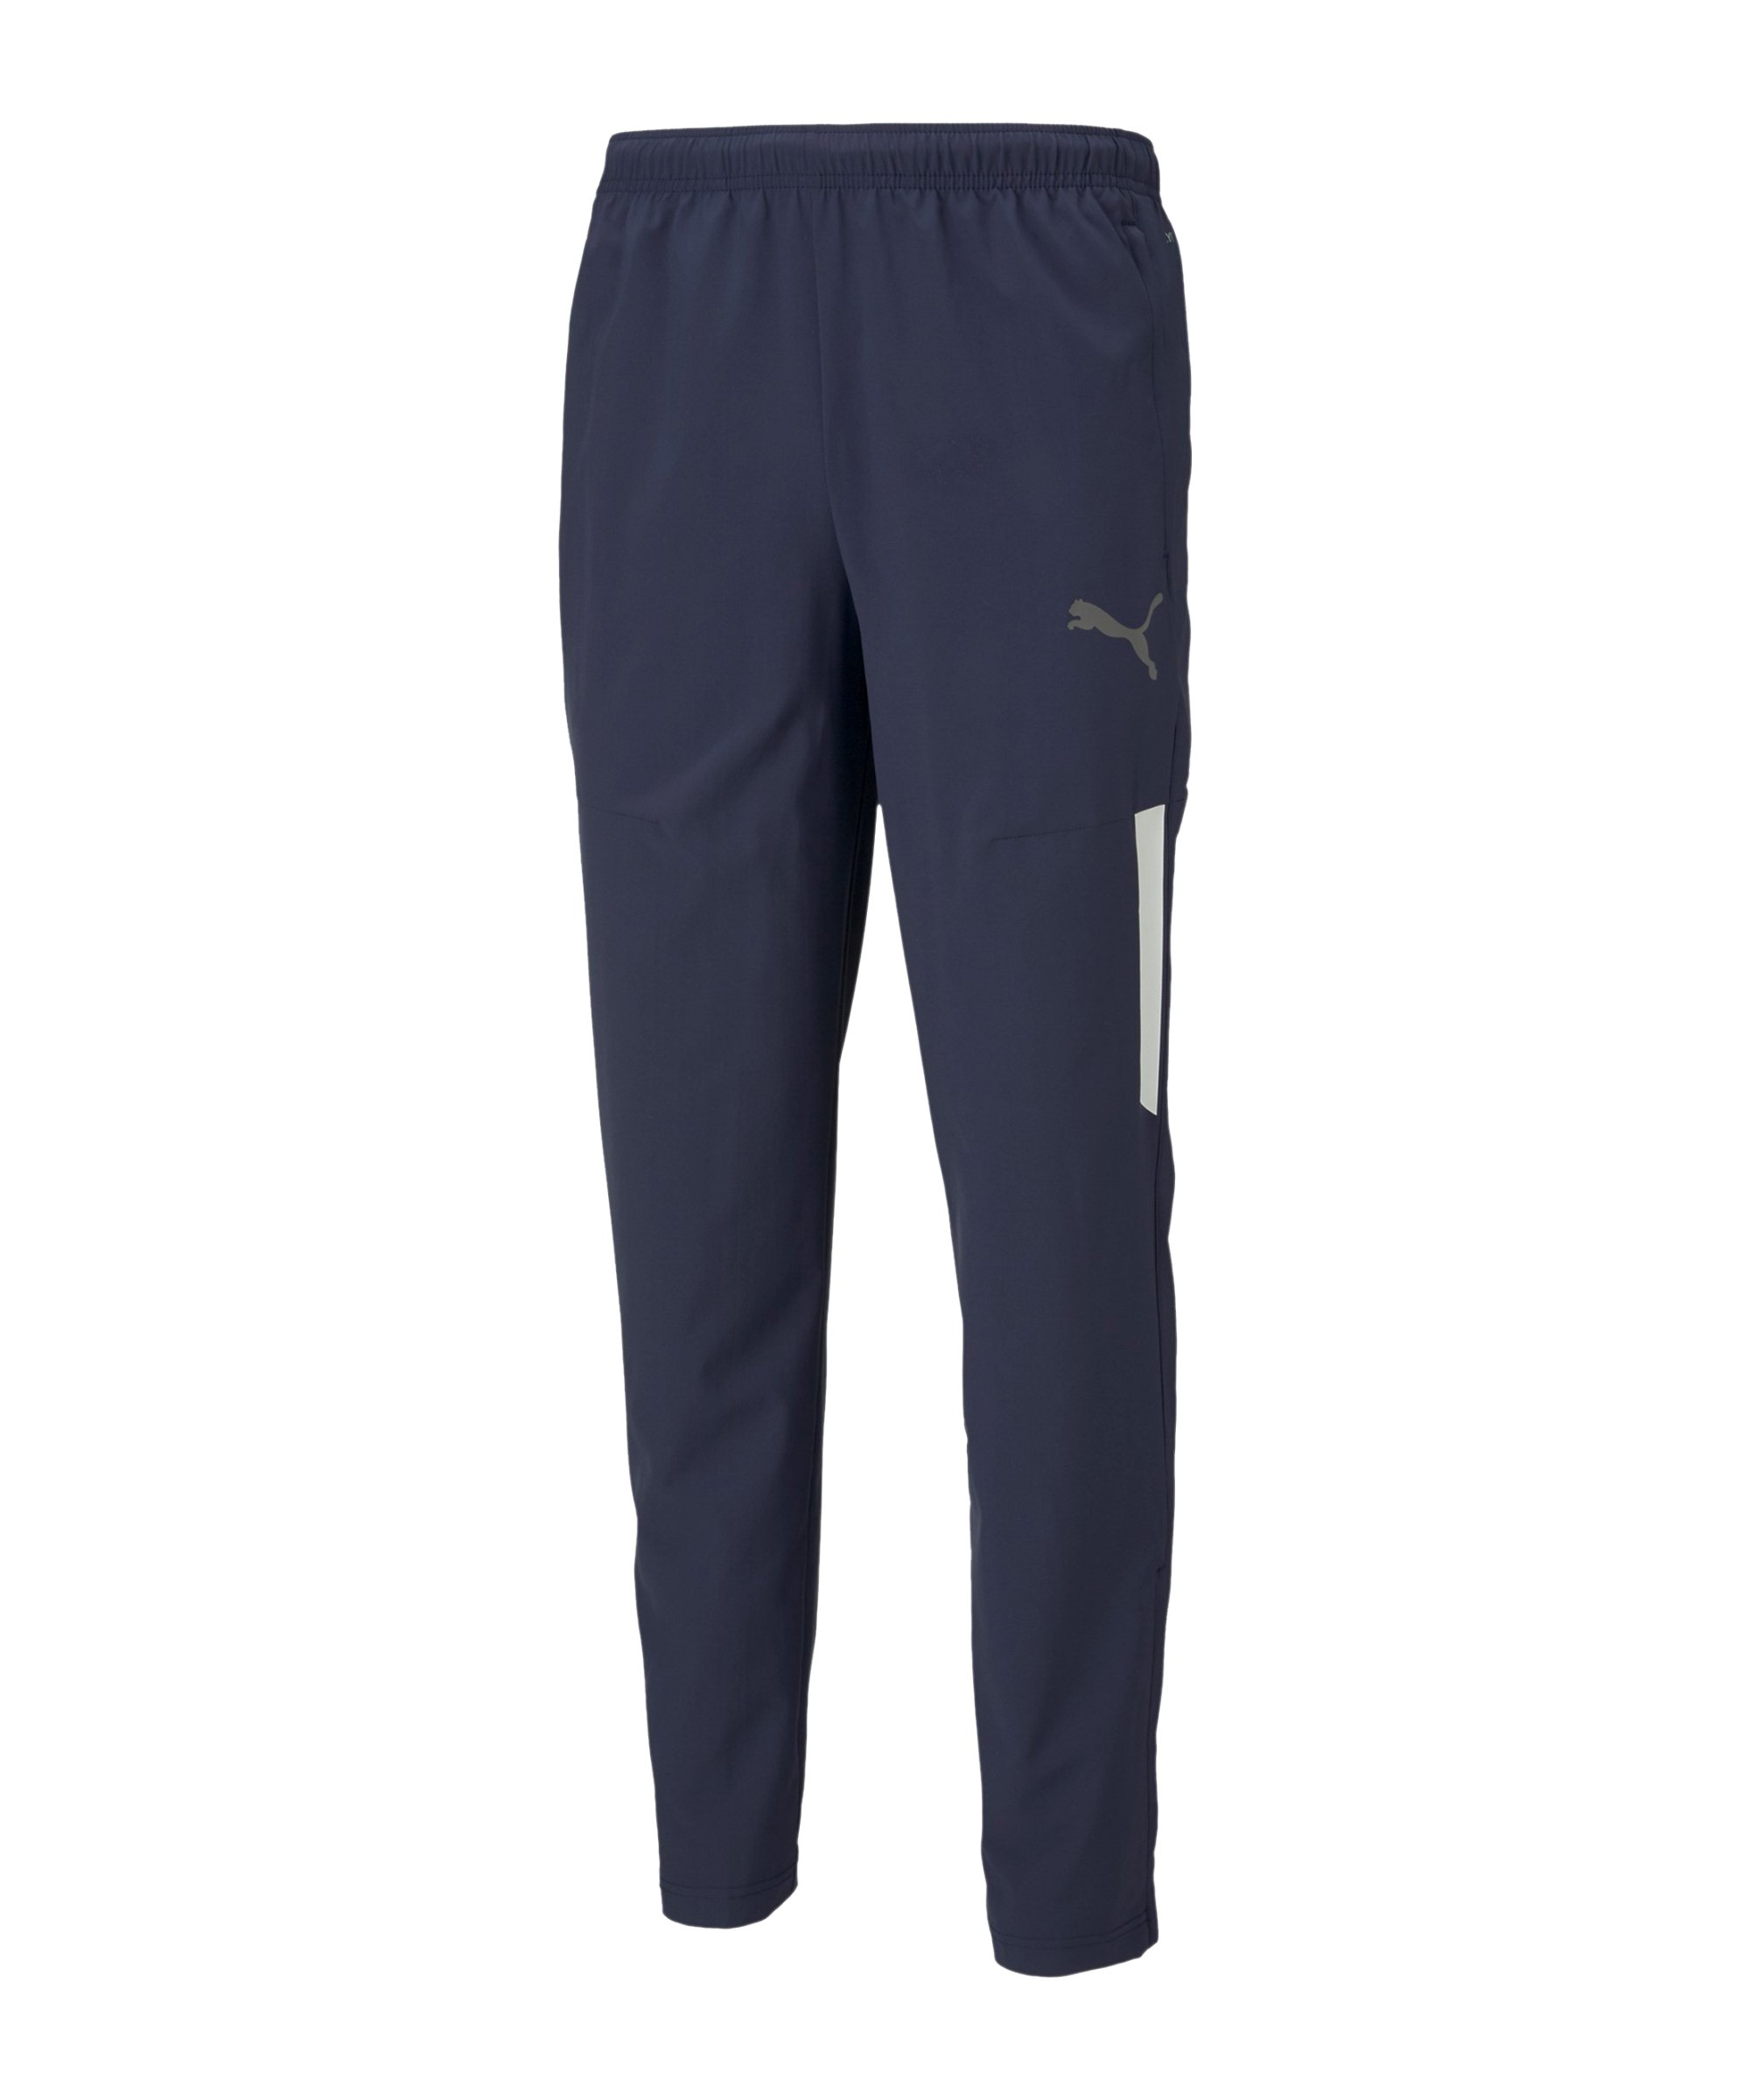 PUMA teamLIGA Sideline Pants Blau F06 - blau